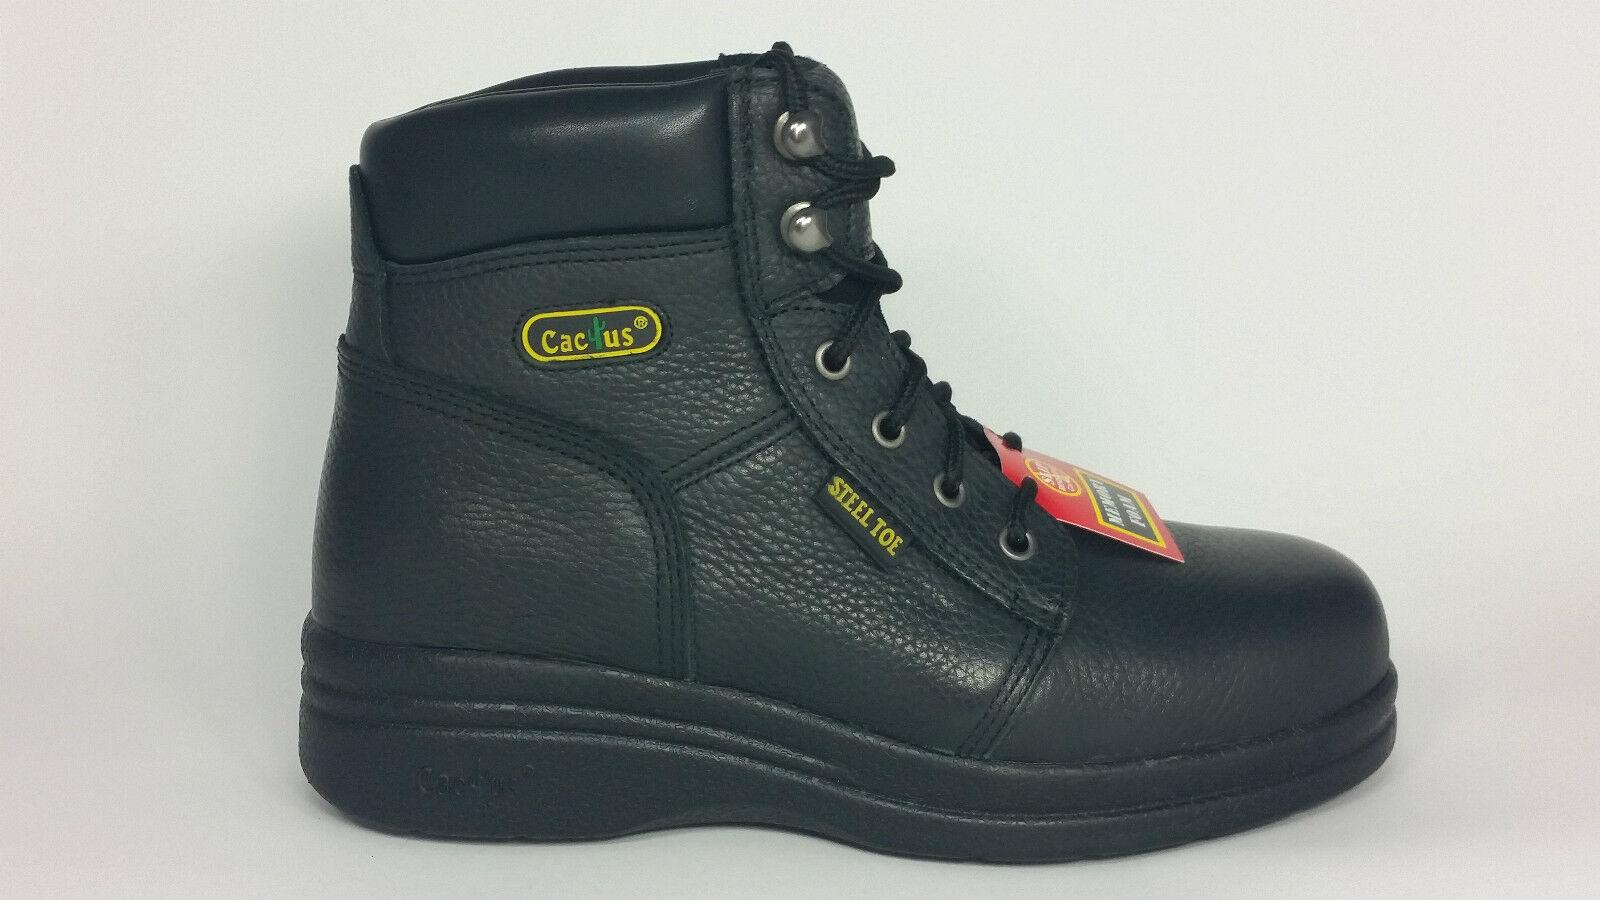 Cactus Work bottes 6  Noir 6600 S (Steel Toe) et antidérapant en cuir véritable neuf dans boîte